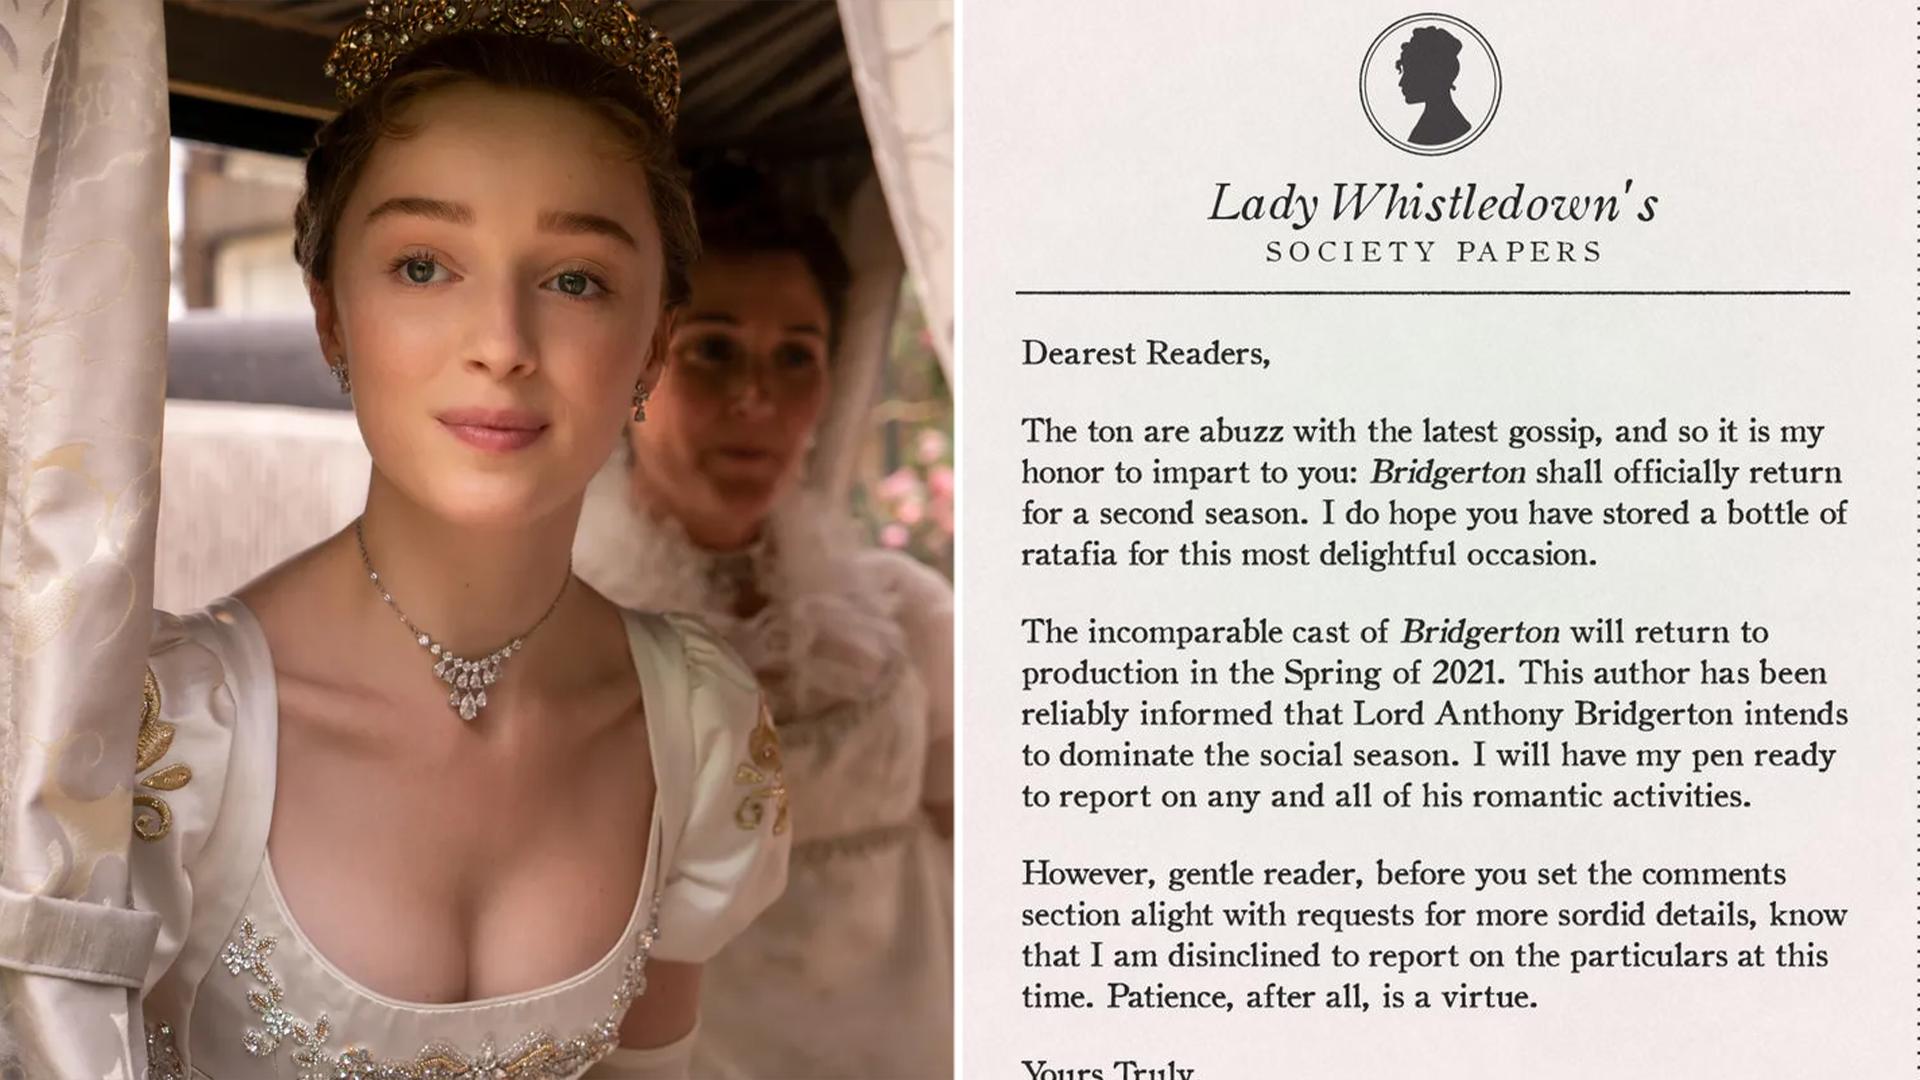 Bridgerton renewed for Season 2 at Netflix